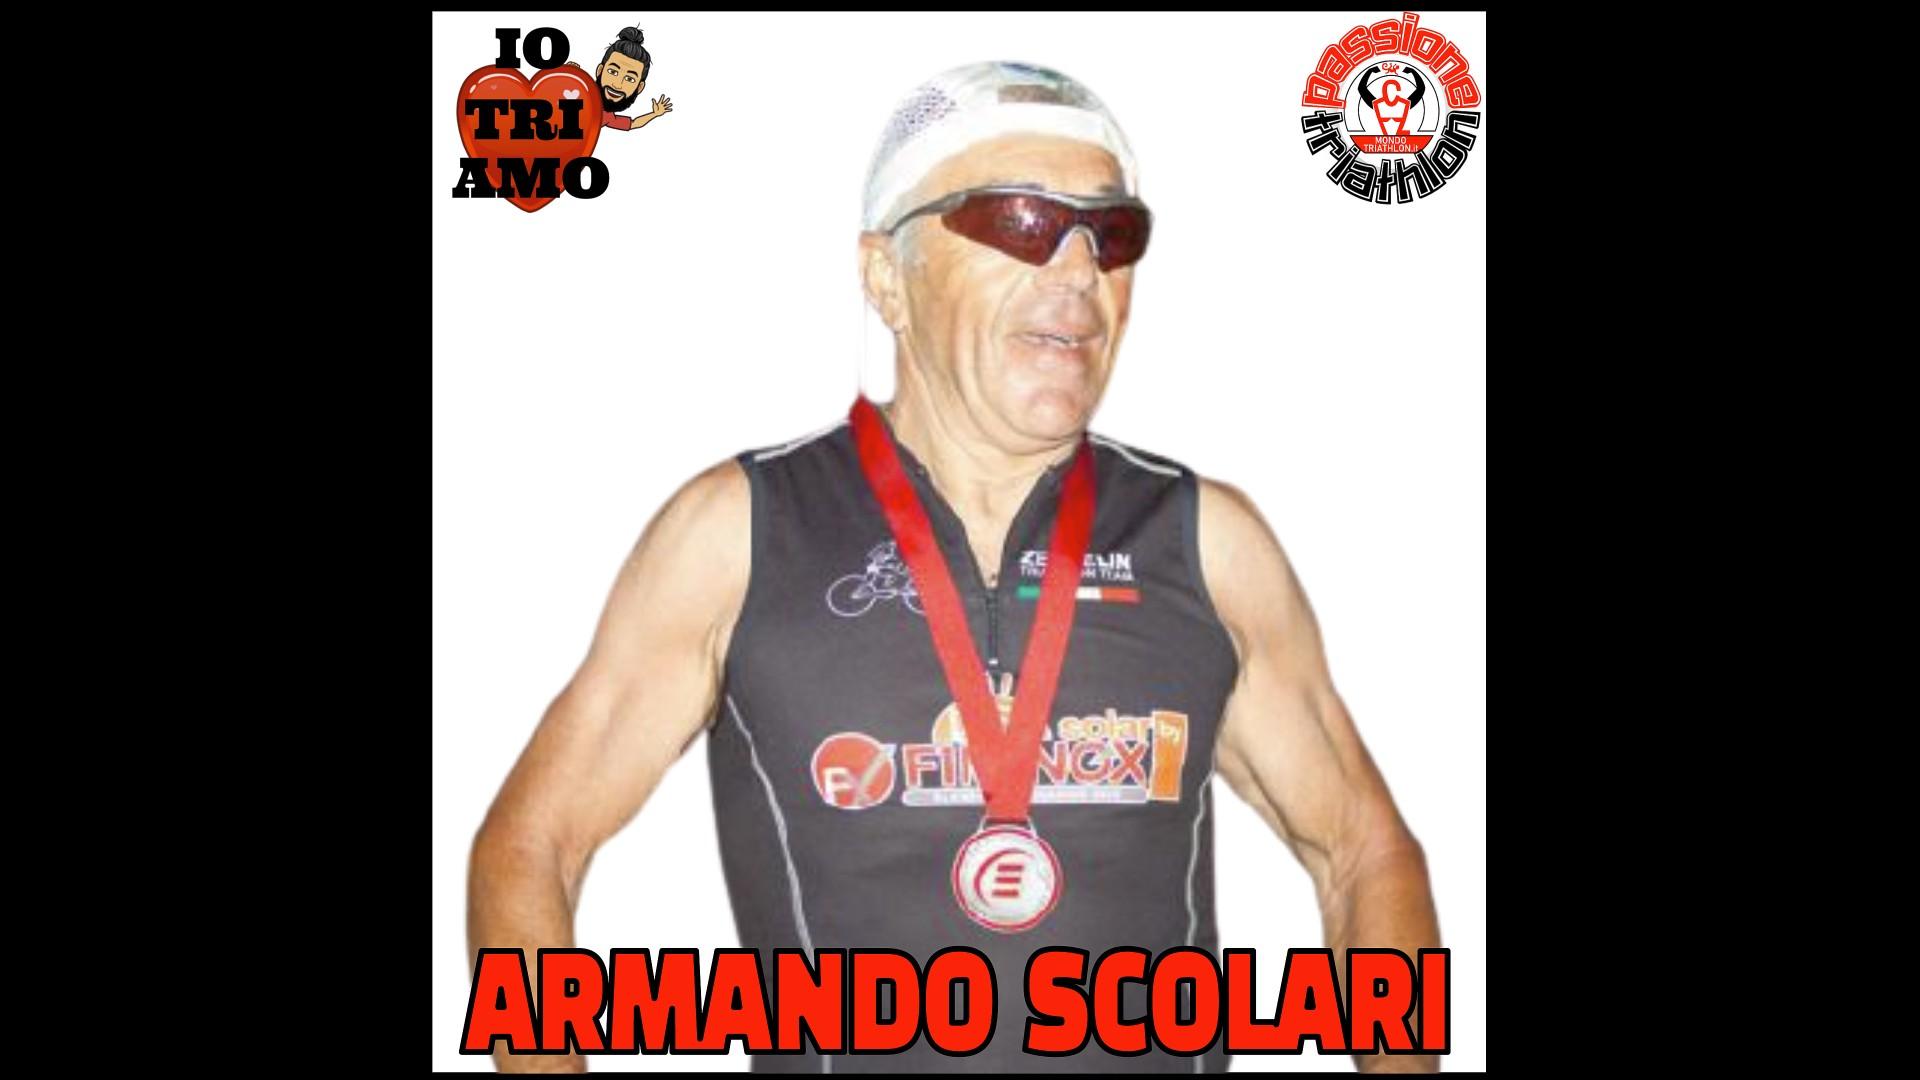 Armando Scolari Passione Triathlon n° 78